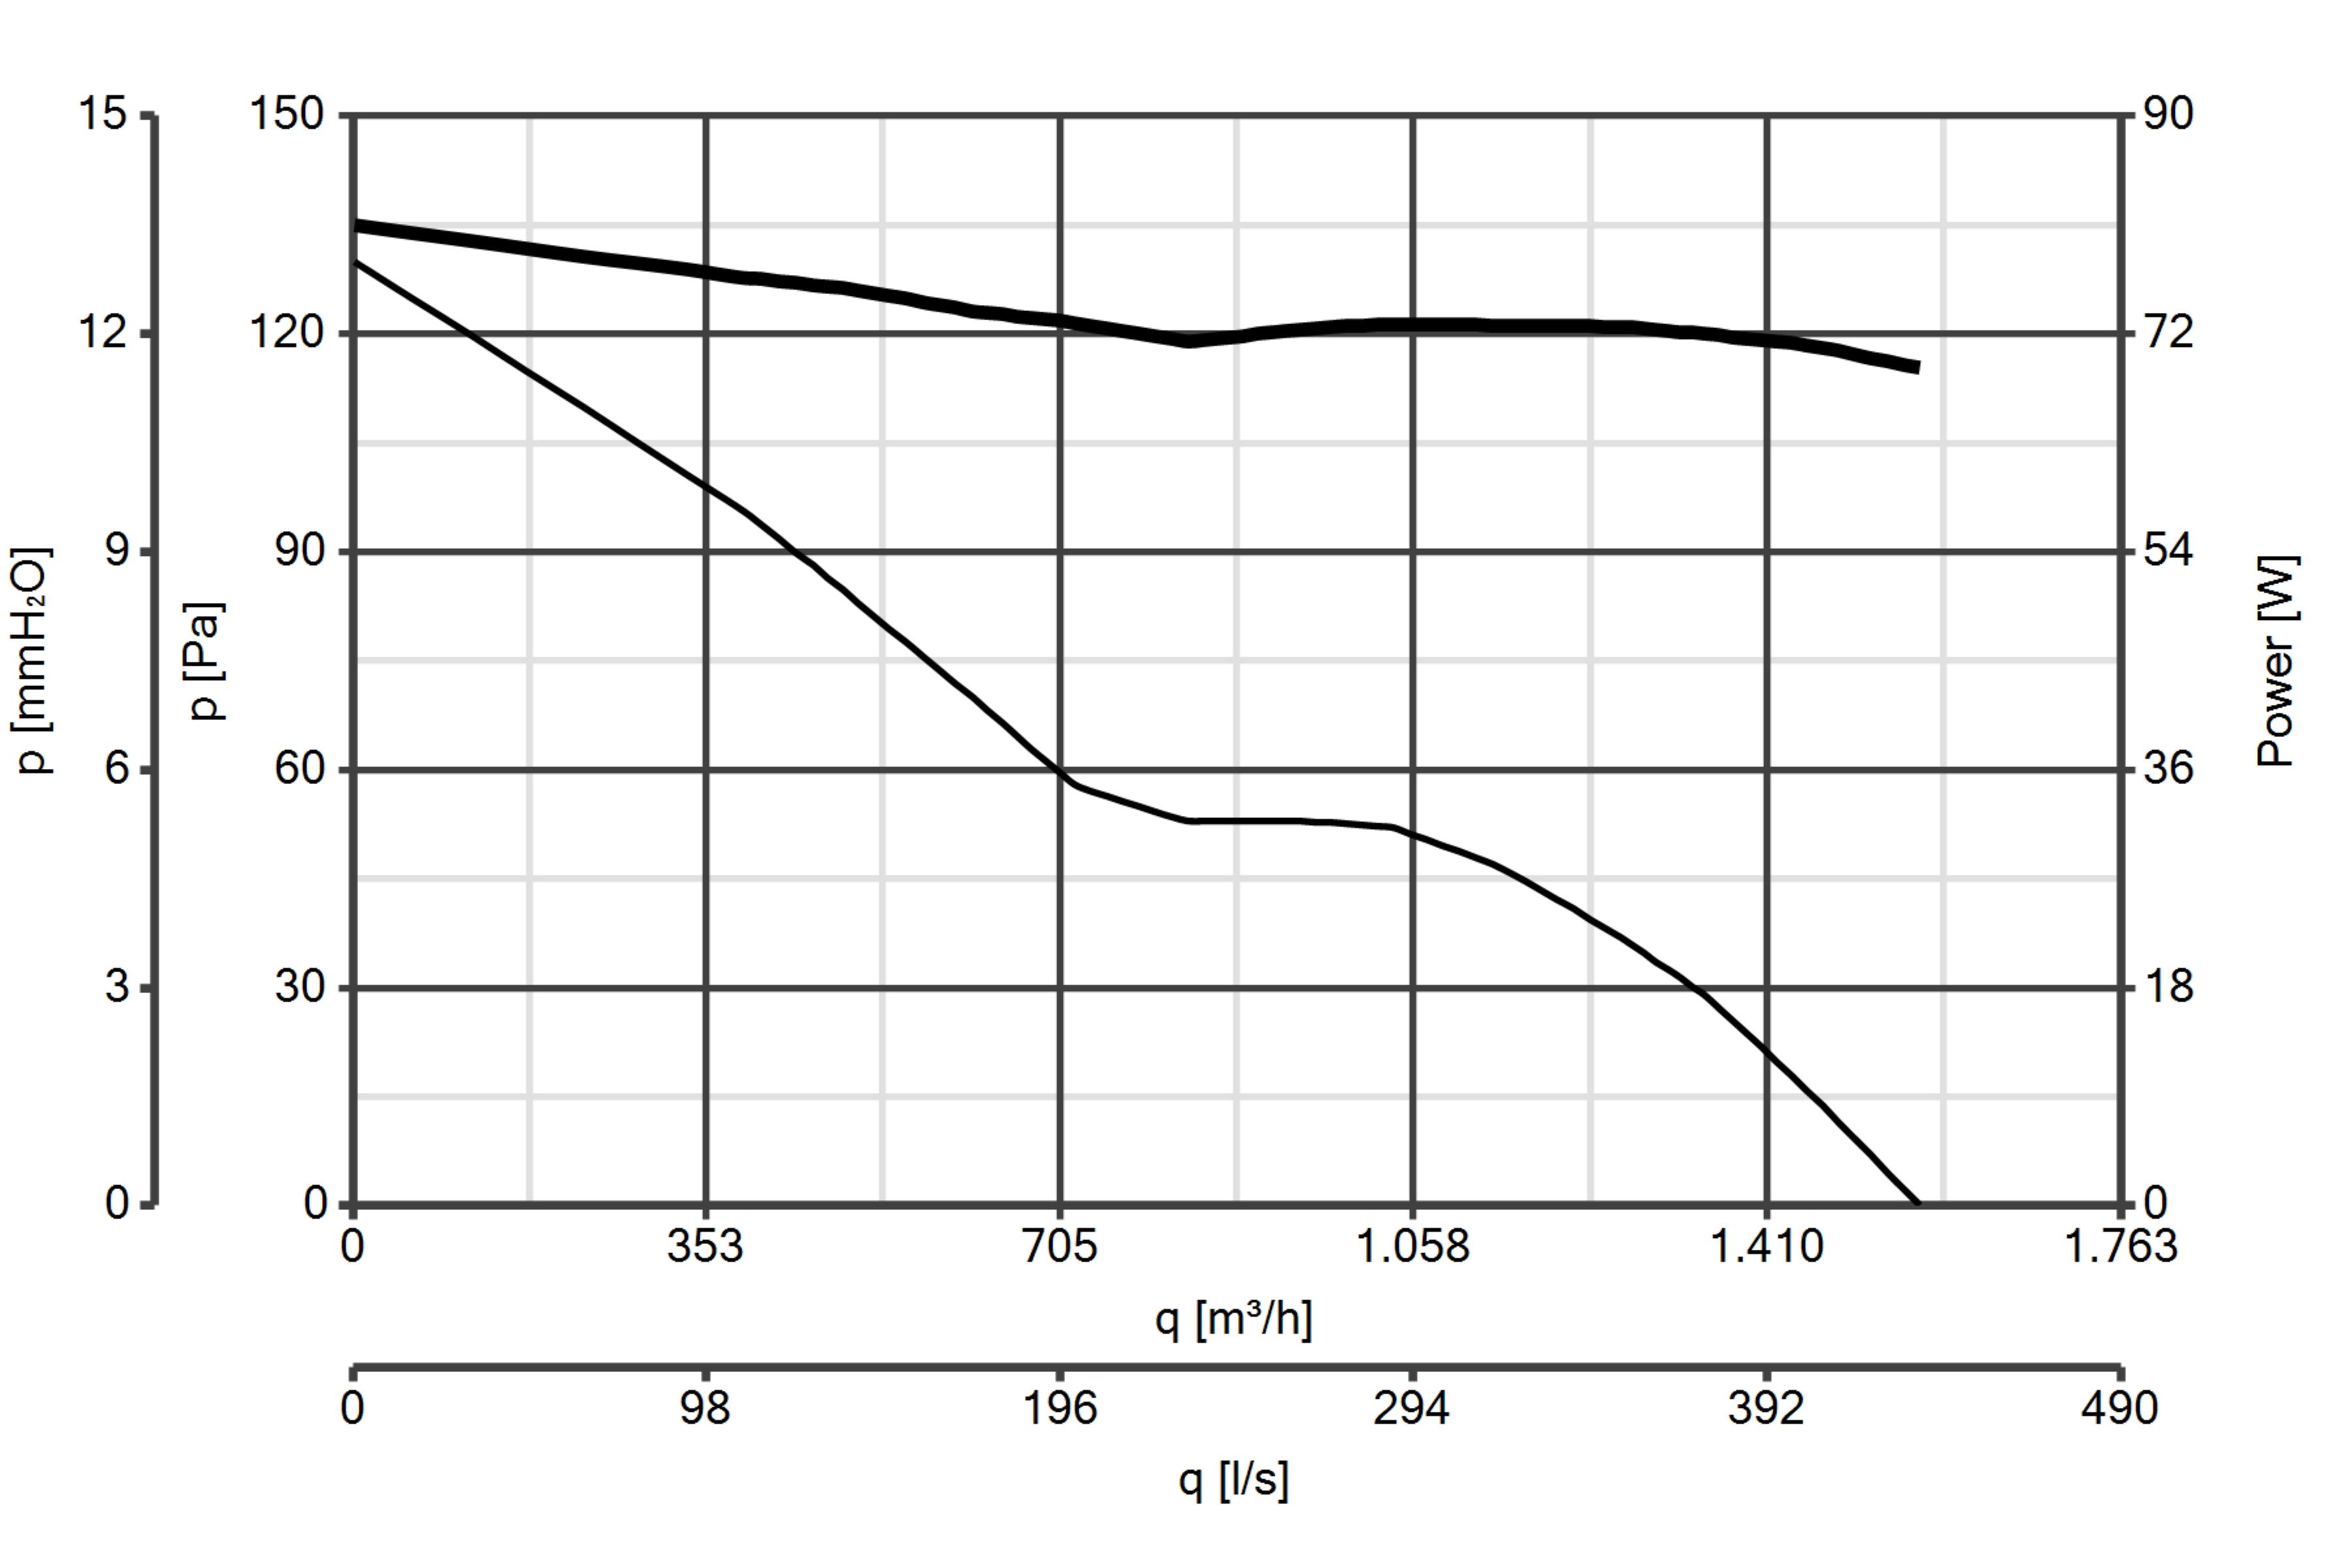 Curba de performanta ventilator axial de perete